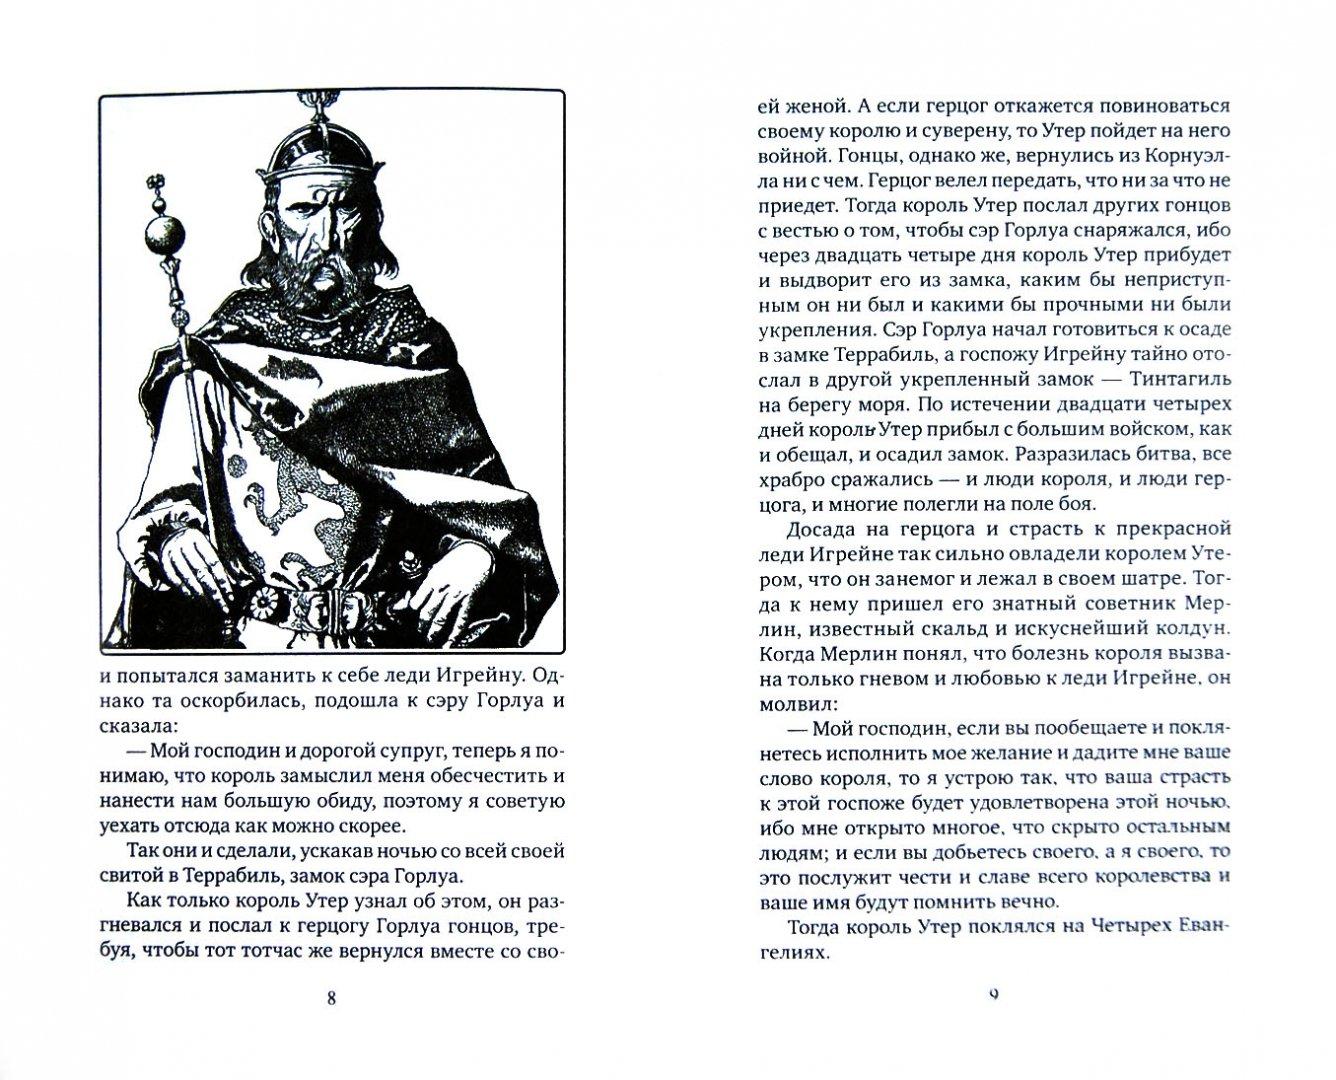 Иллюстрация 1 из 6 для Легенды о короле Артуре и рыцарях Круглого стола - Сигрид Унсет | Лабиринт - книги. Источник: Лабиринт